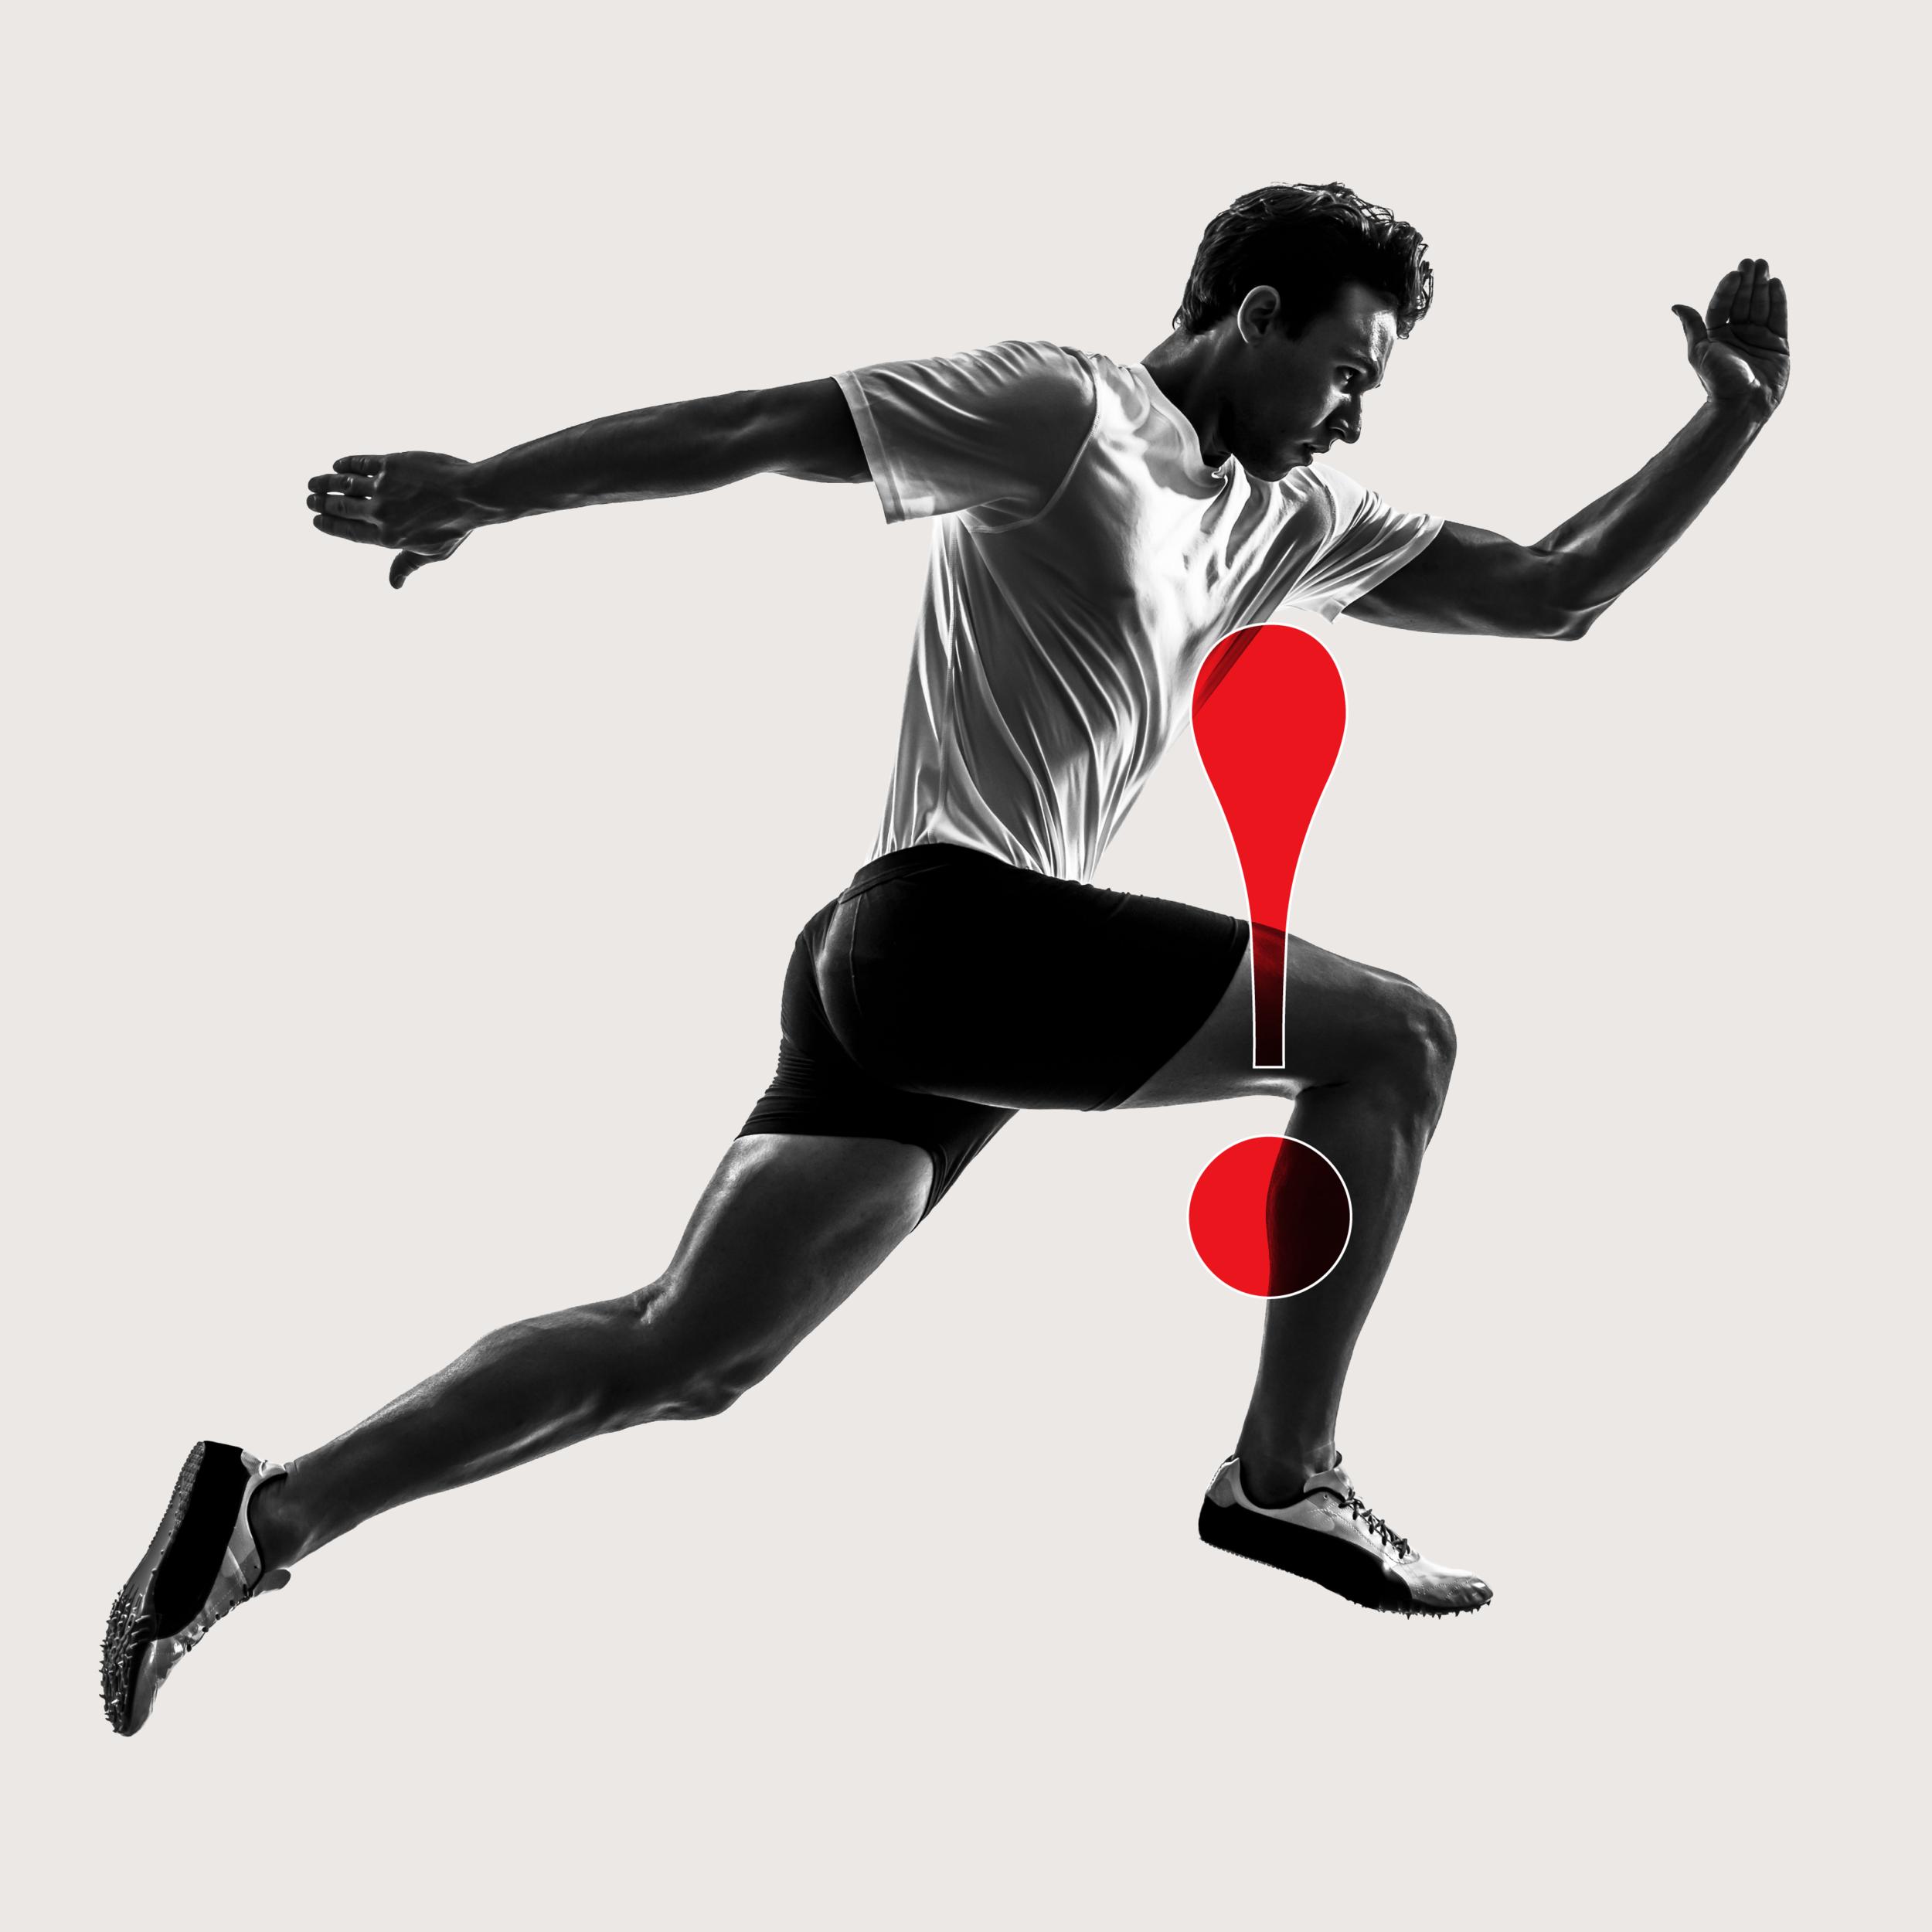 Man mid-run experiencing man in calf